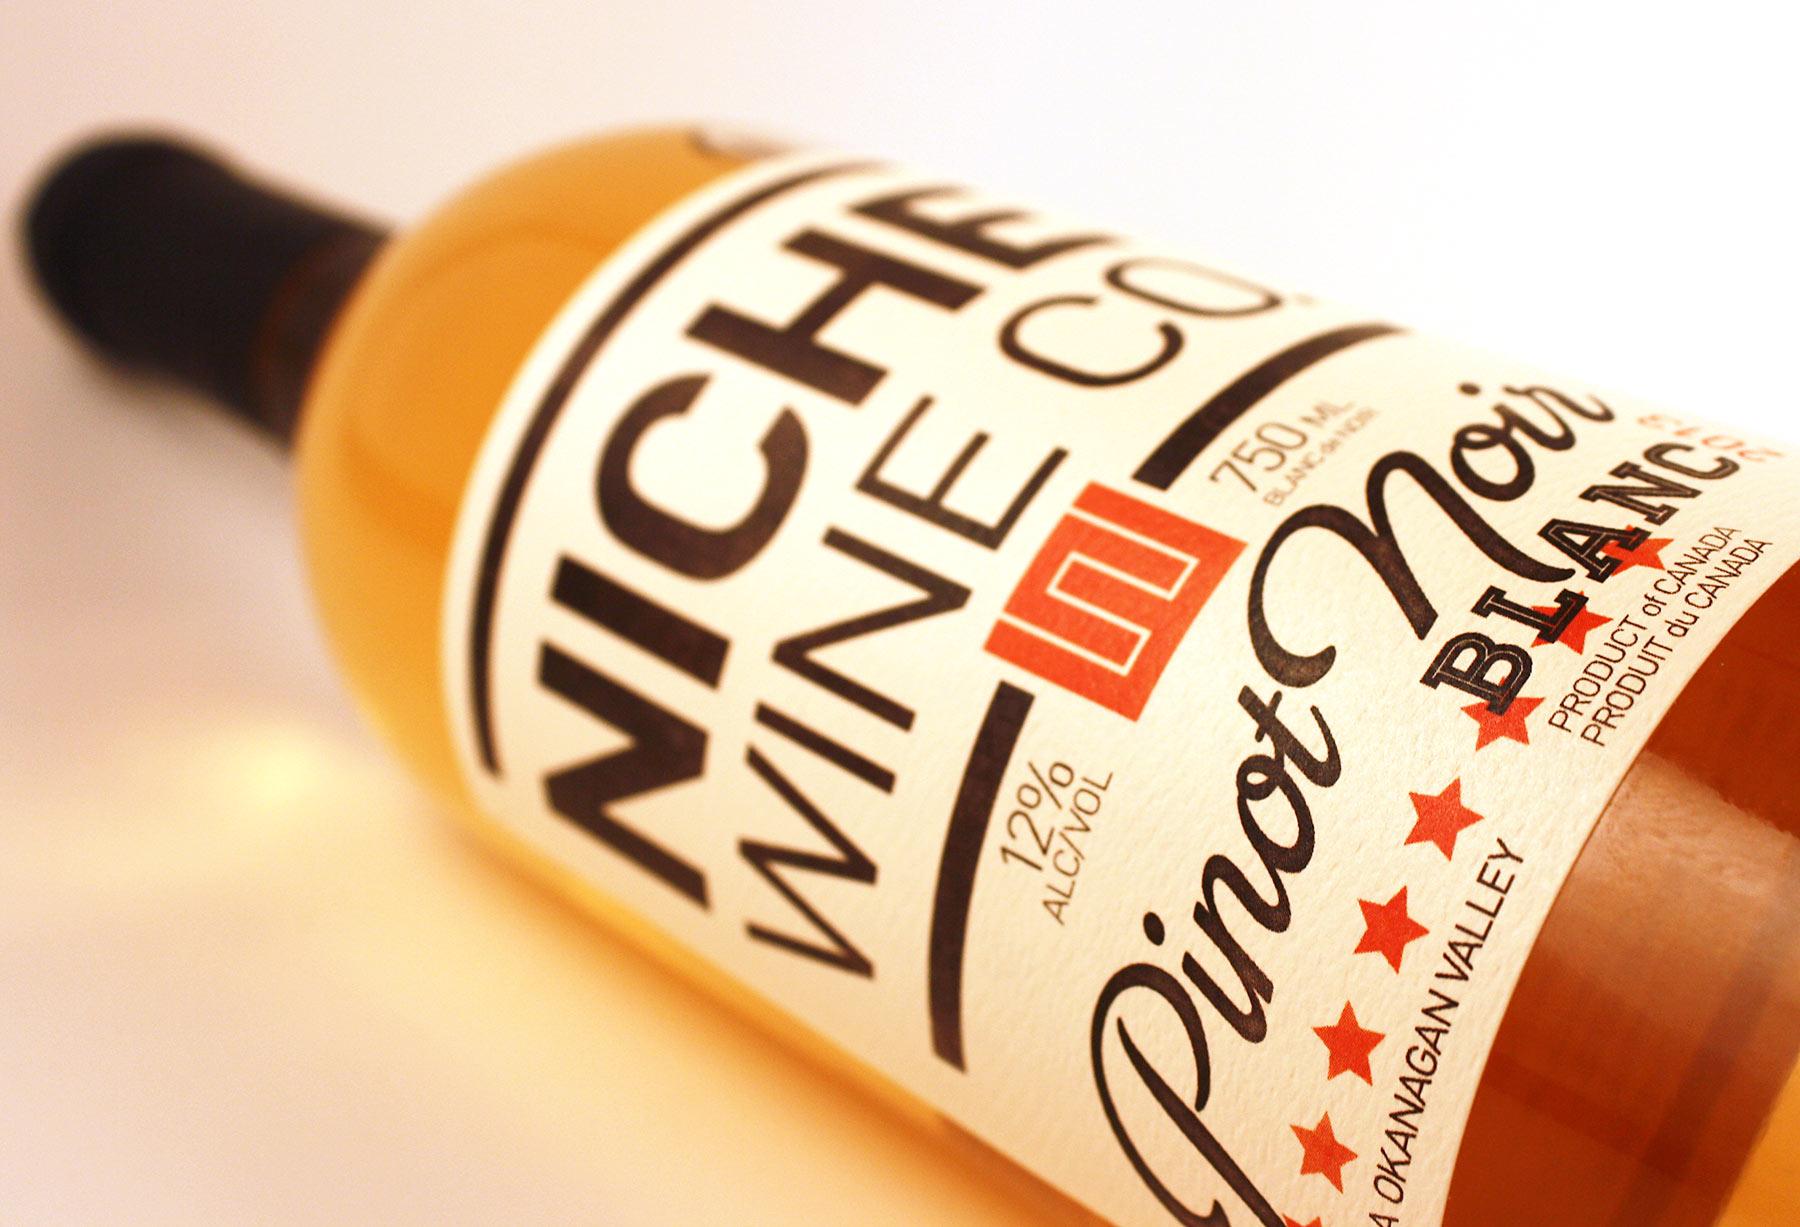 Niche_wine_co_PNB.jpg